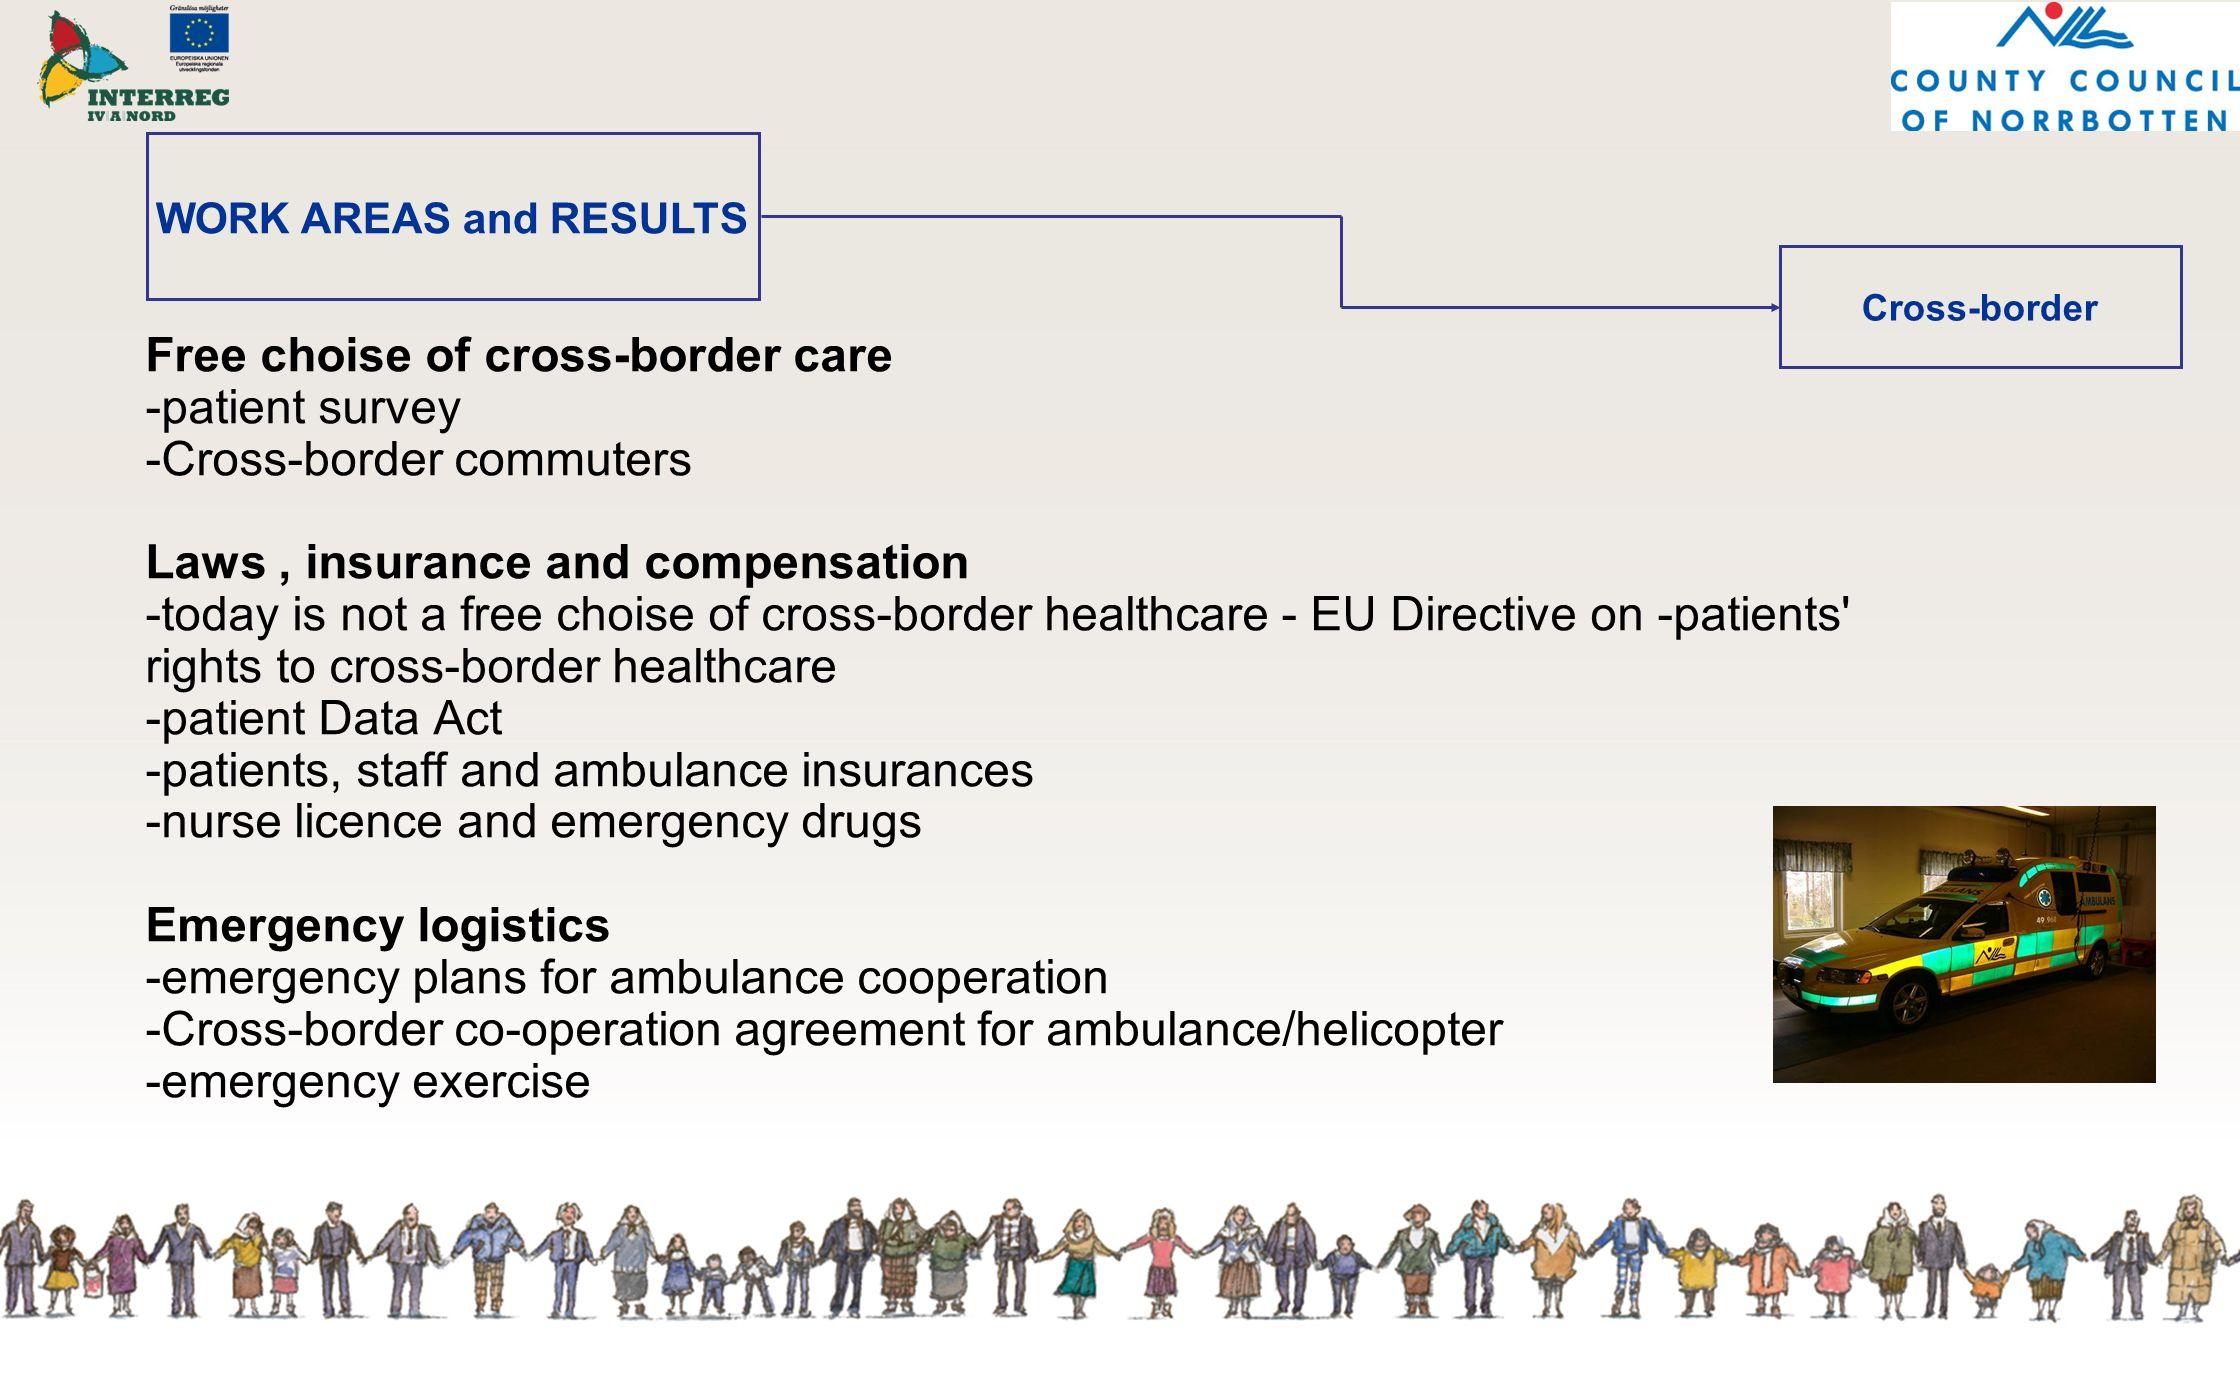 Free choise of cross-border care -patient survey